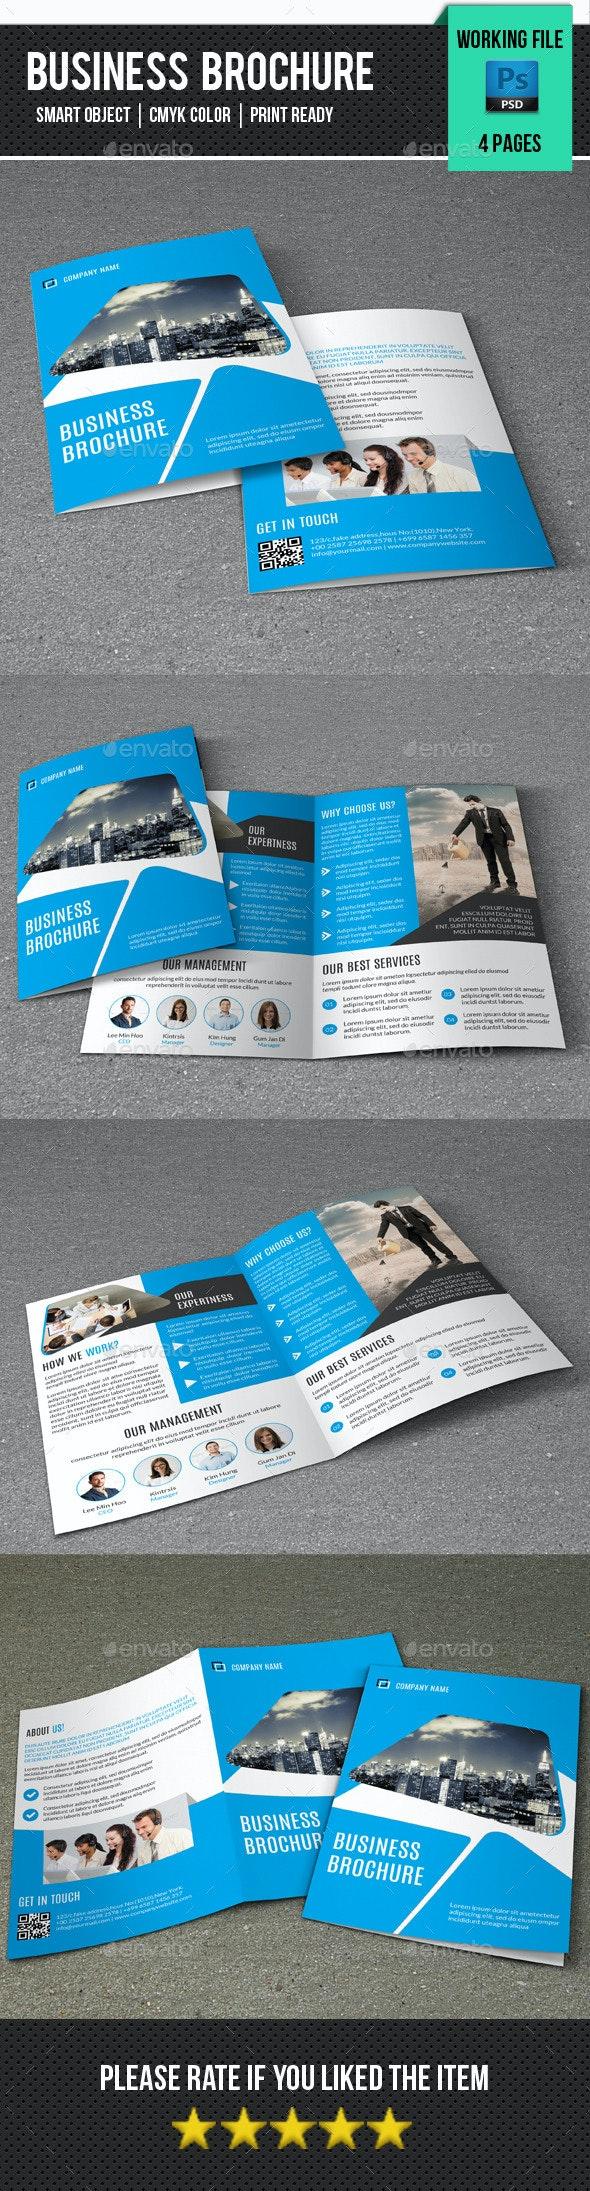 Corporate Bifold Brochure-V239 - Corporate Brochures